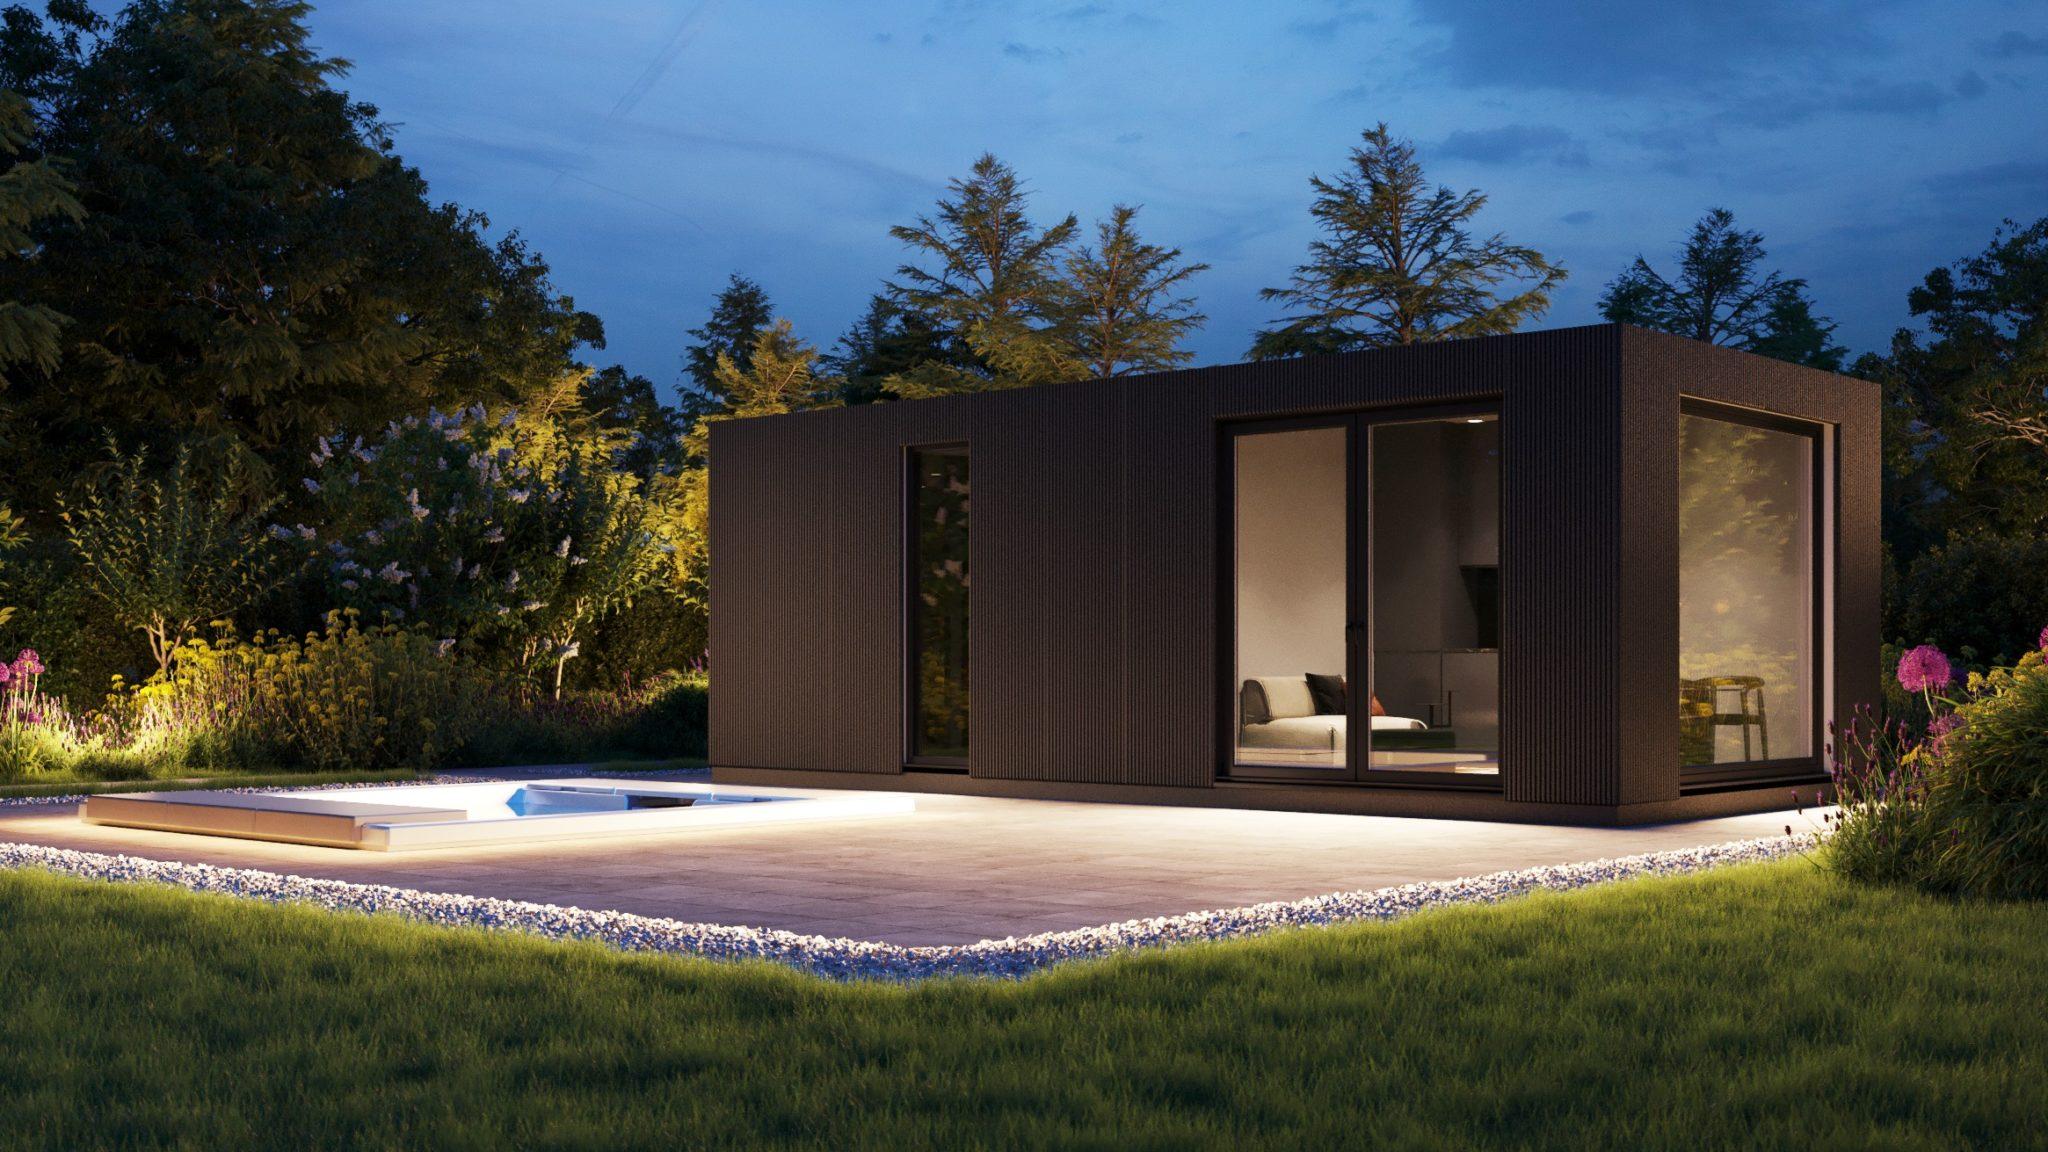 Iso bella vivlux poolhouse bij nacht